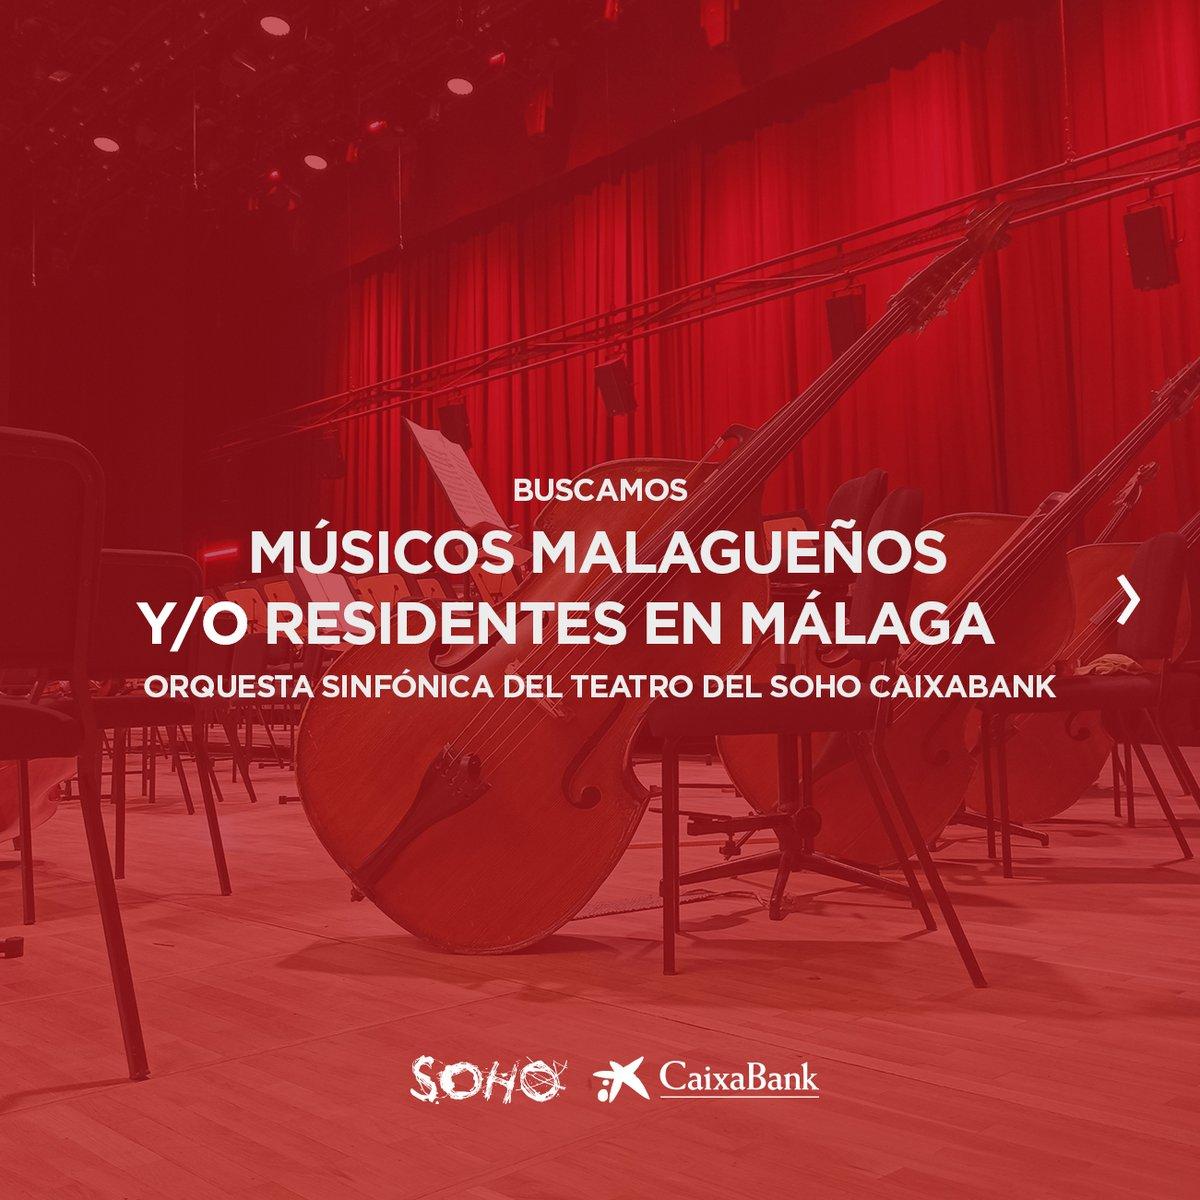 Replying to @TeatroDelSoho: ¡¡¡Convocatoria!!! Buscamos a #músicos malagueños y/o residentes en #Málaga. Más info, ⬇️.